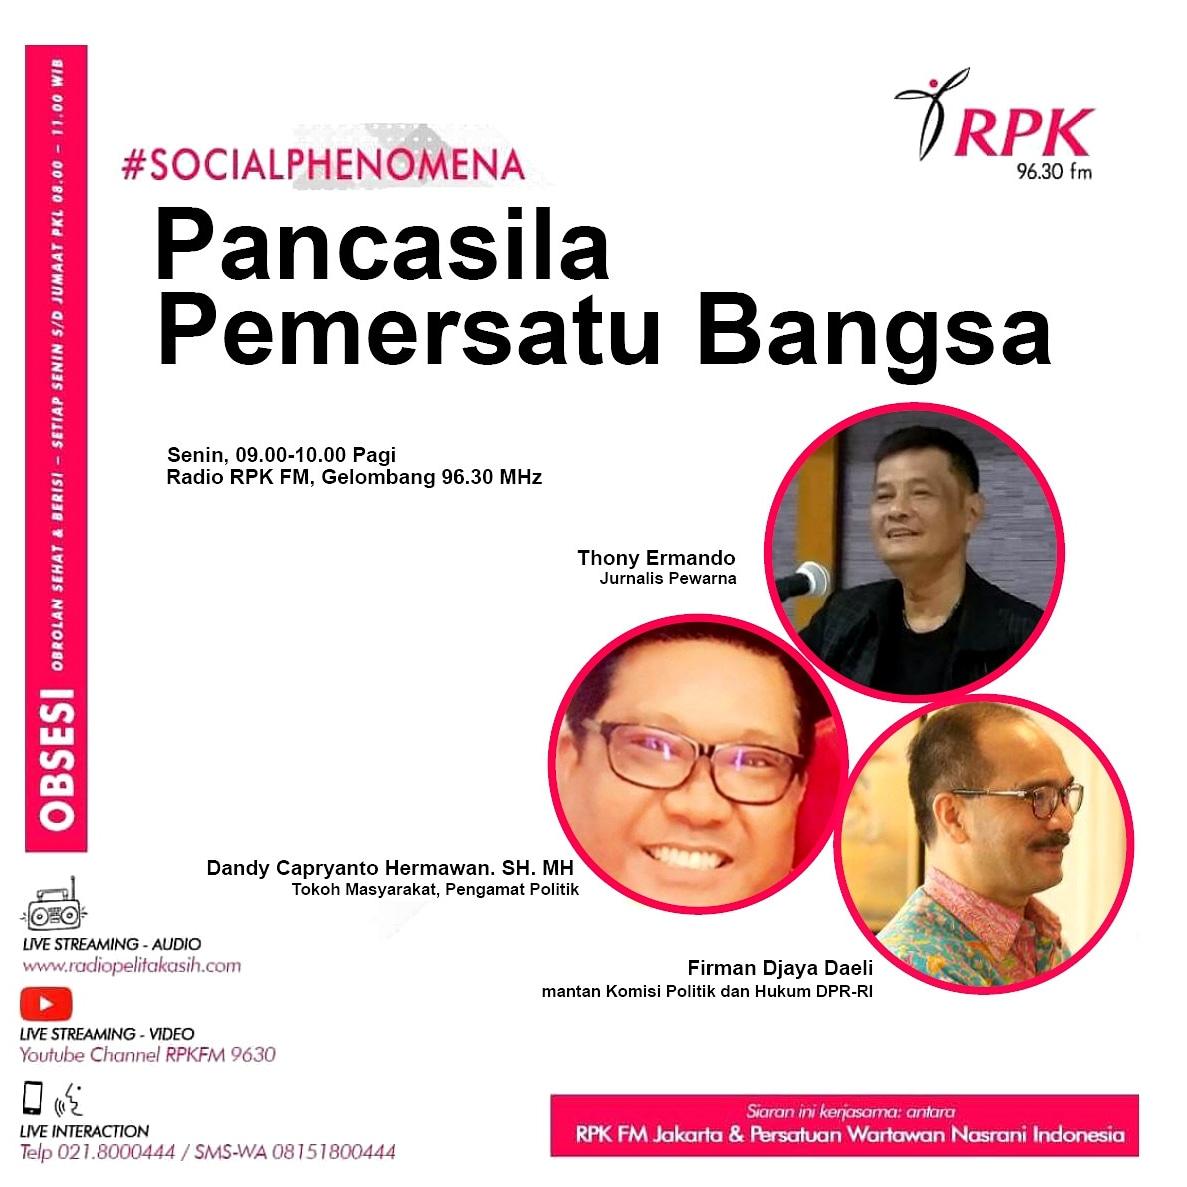 RPK 96.30 FM